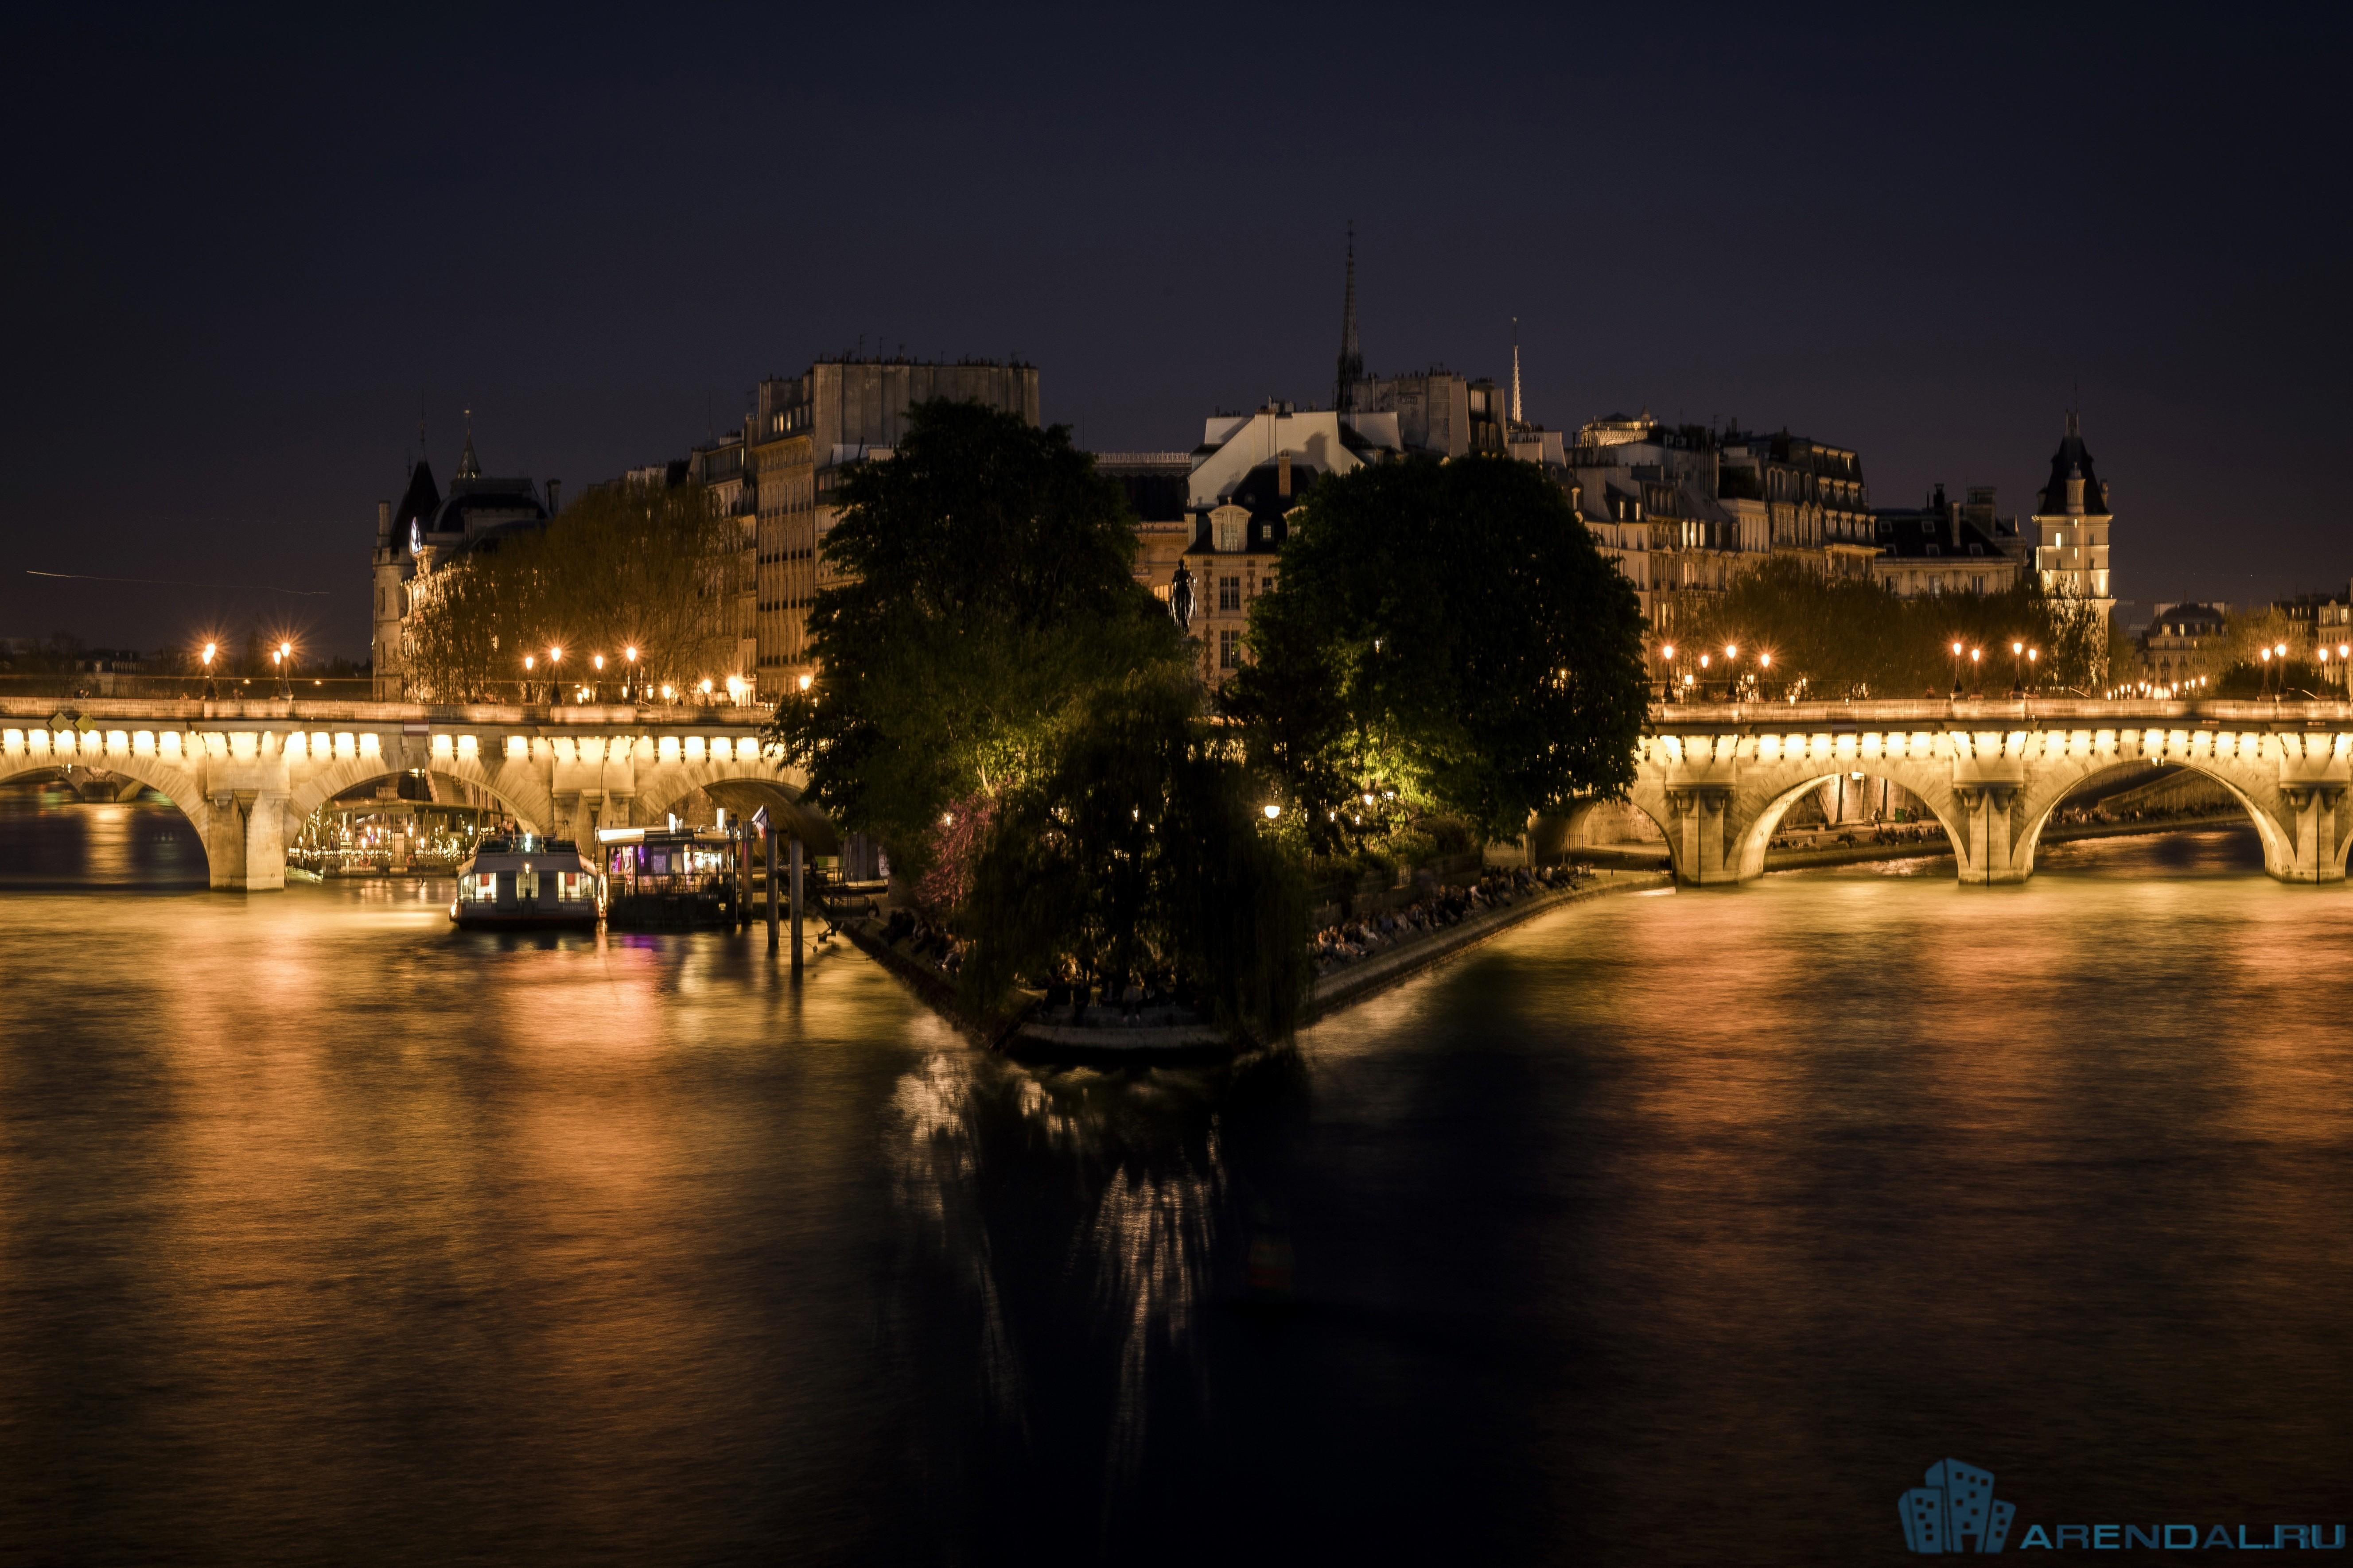 Таинственный особняк Парижа продан по цене в 52 000 евро за квадратный метр